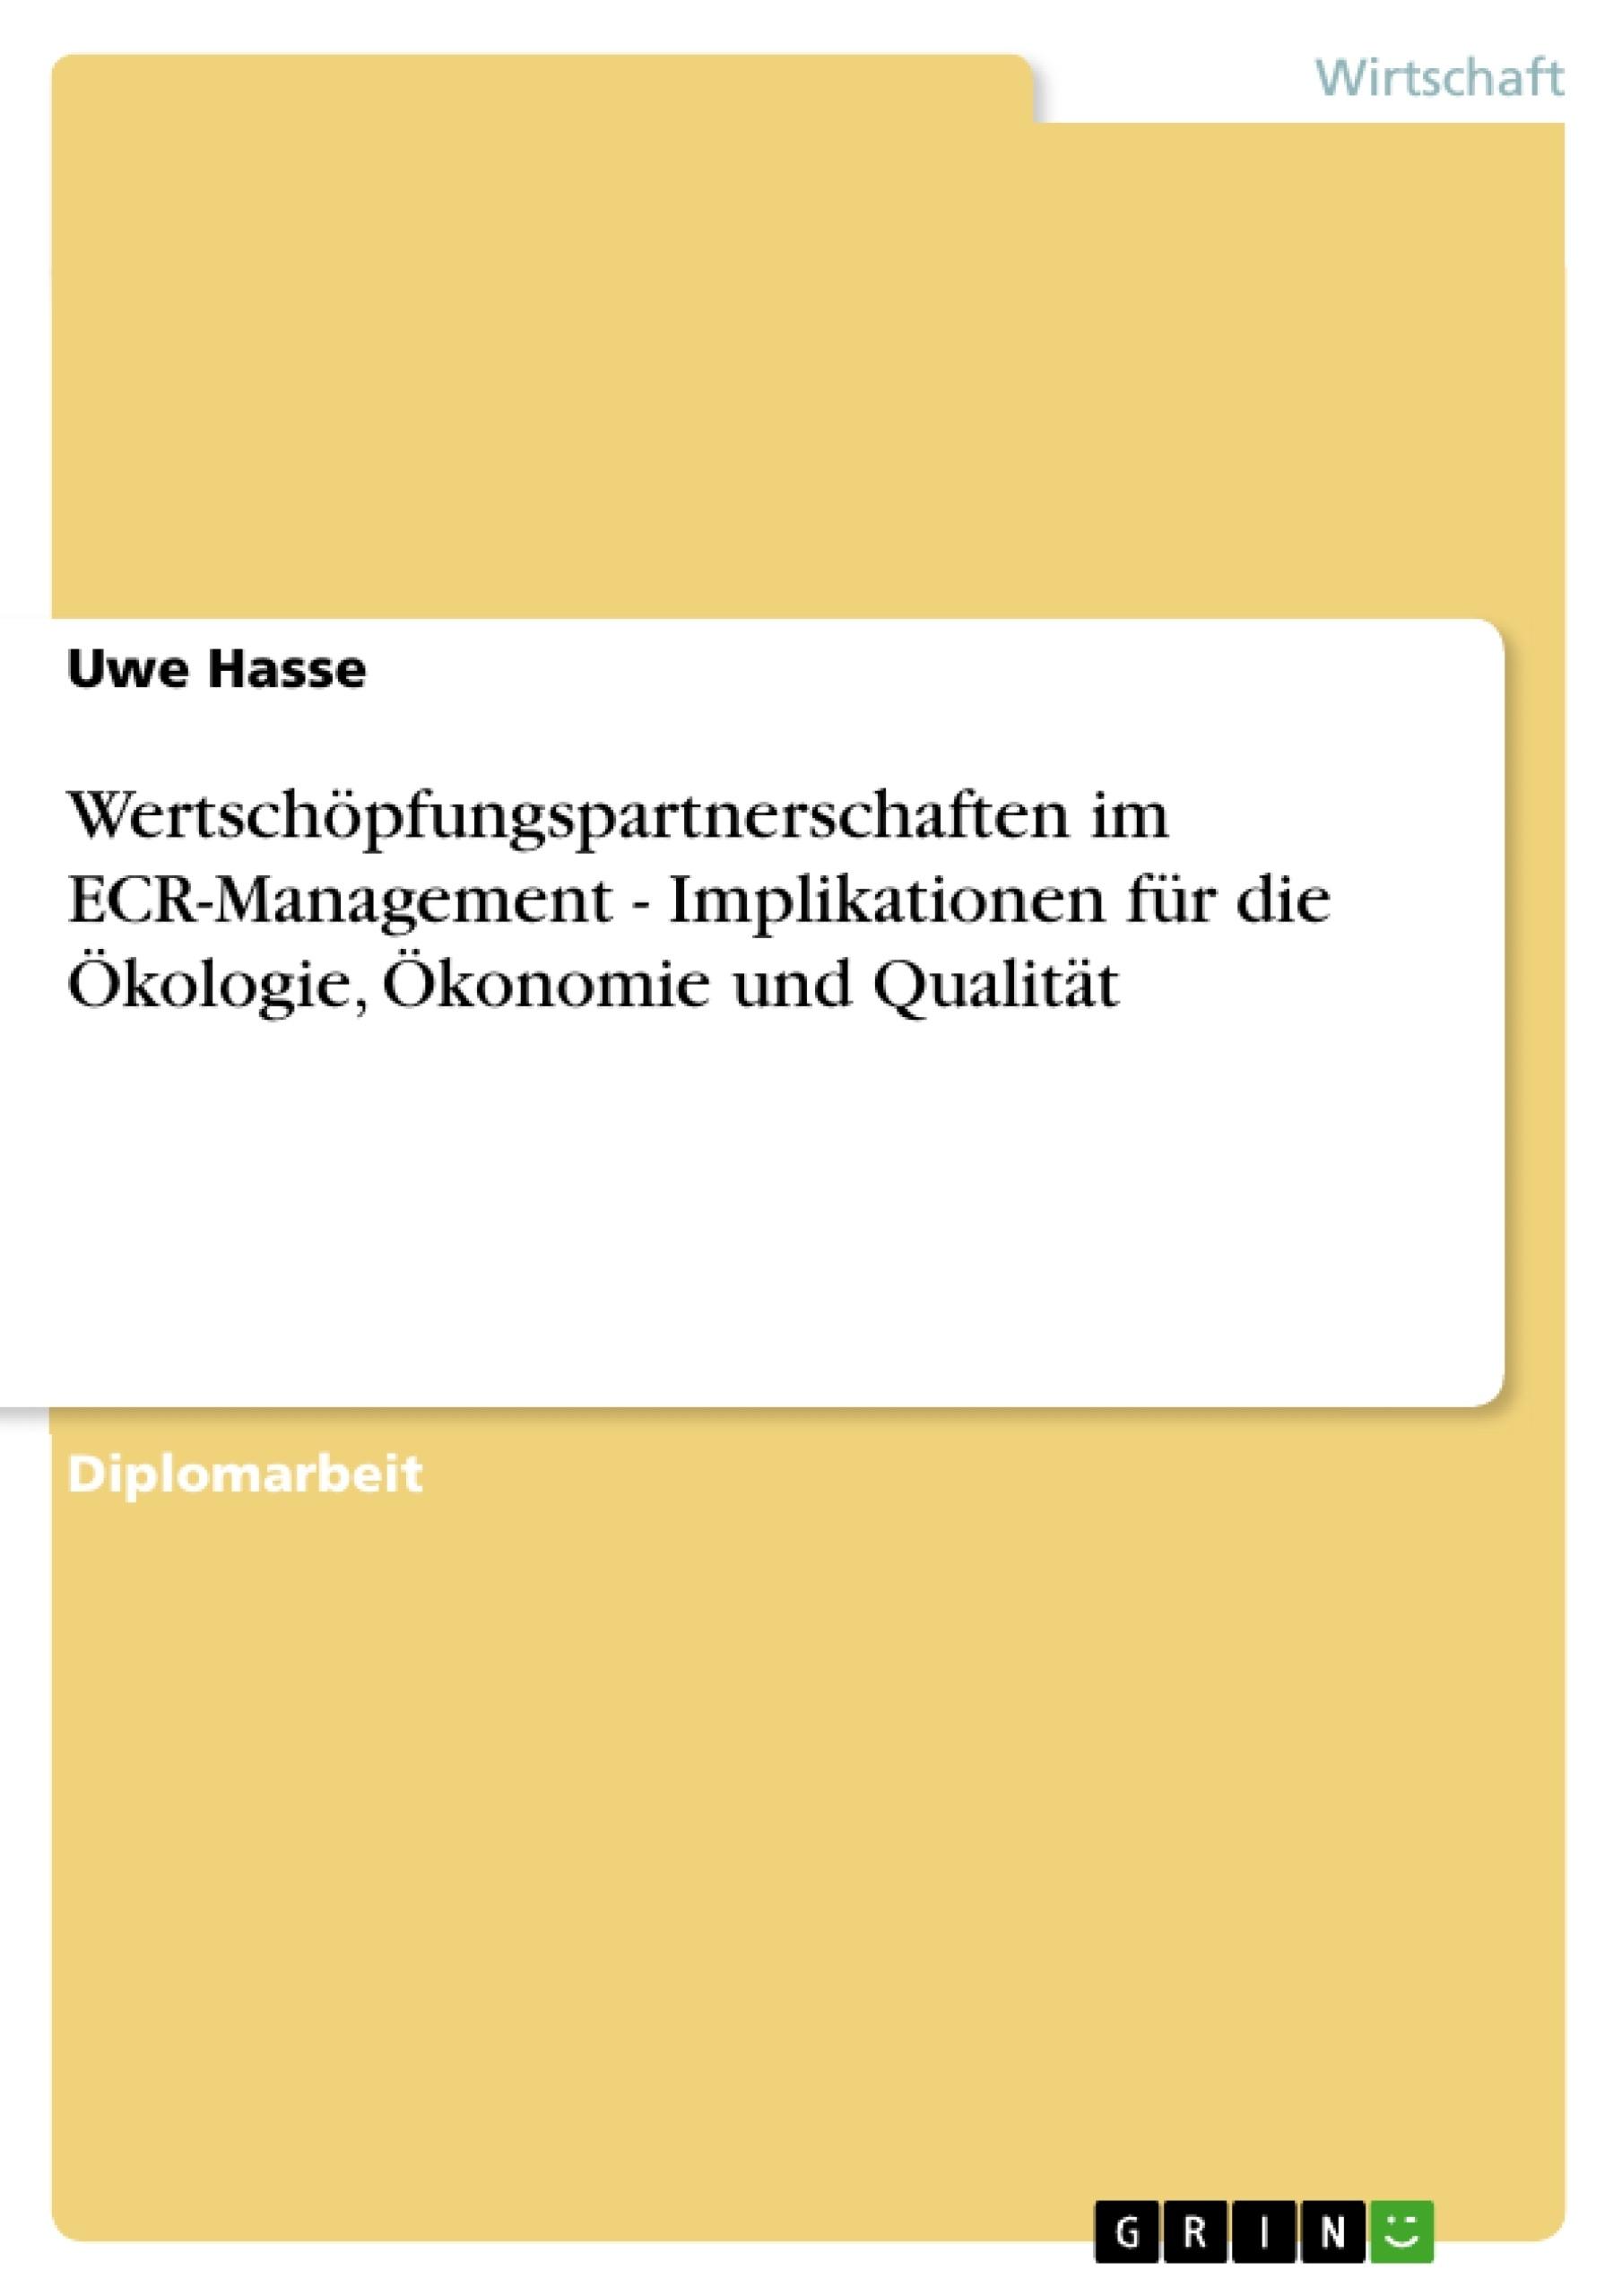 Titel: Wertschöpfungspartnerschaften im ECR-Management - Implikationen für die Ökologie, Ökonomie und Qualität